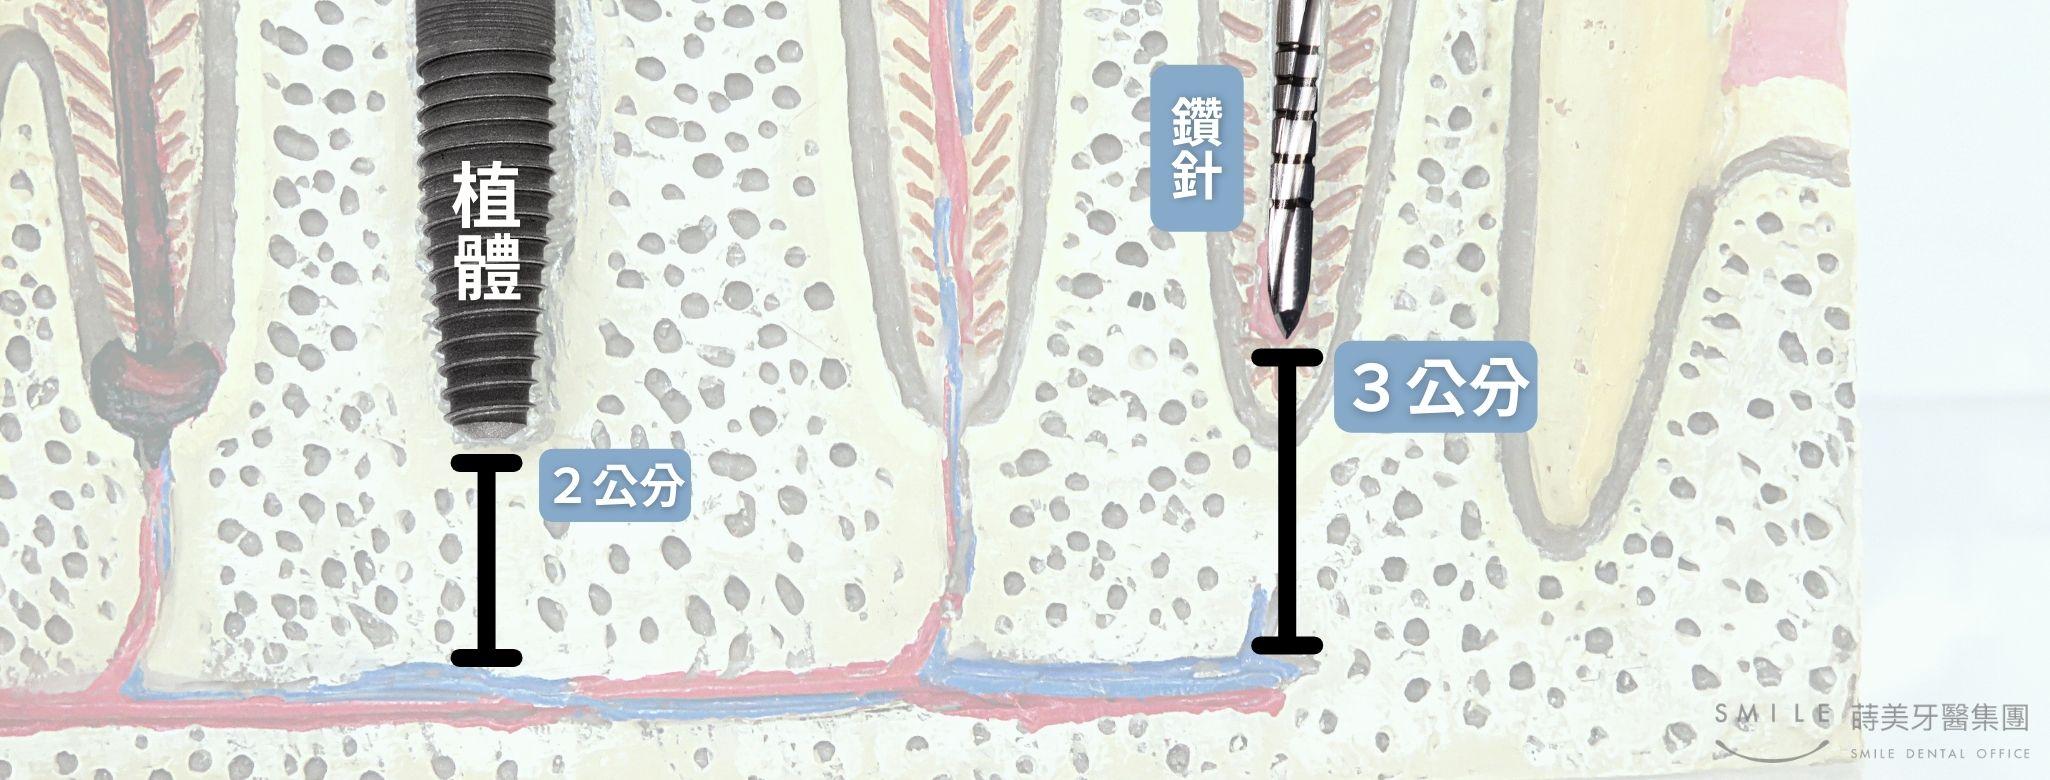 教你看懂X光片 (3)